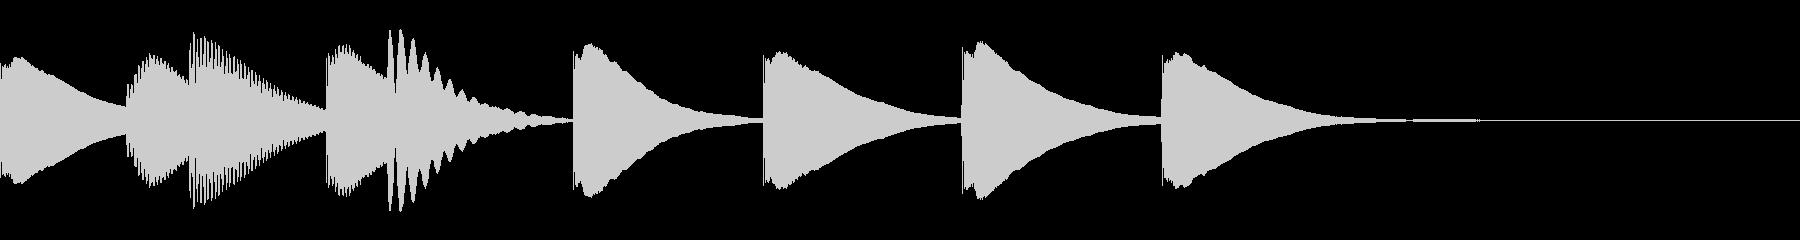 ジングル 木琴 日常 緩いの未再生の波形